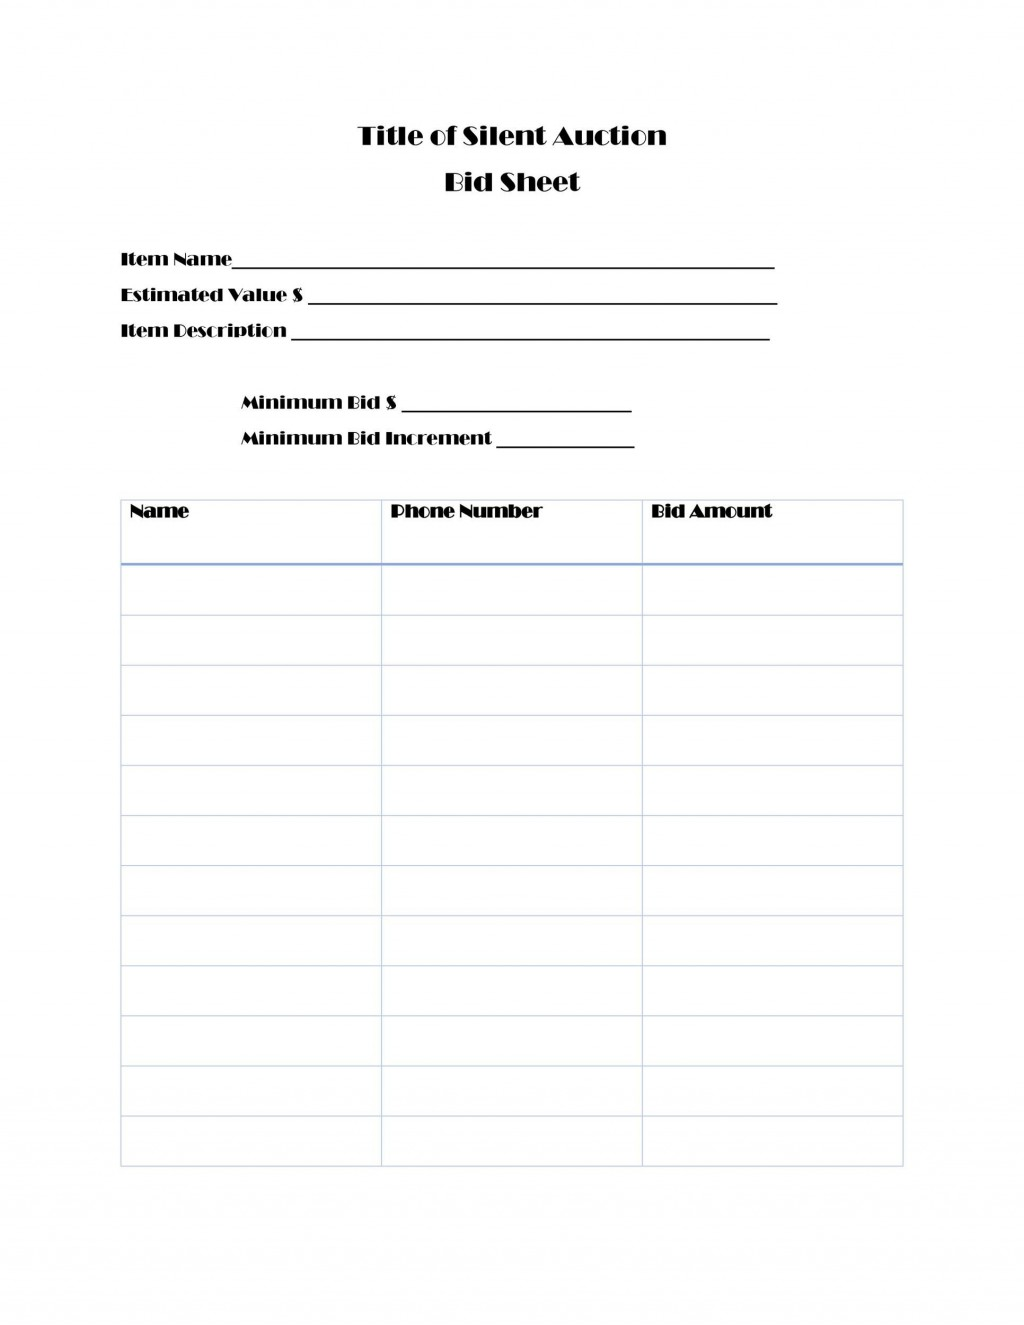 003 Wonderful Silent Auction Bid Sheet Template Free Design  Pdf DownloadLarge